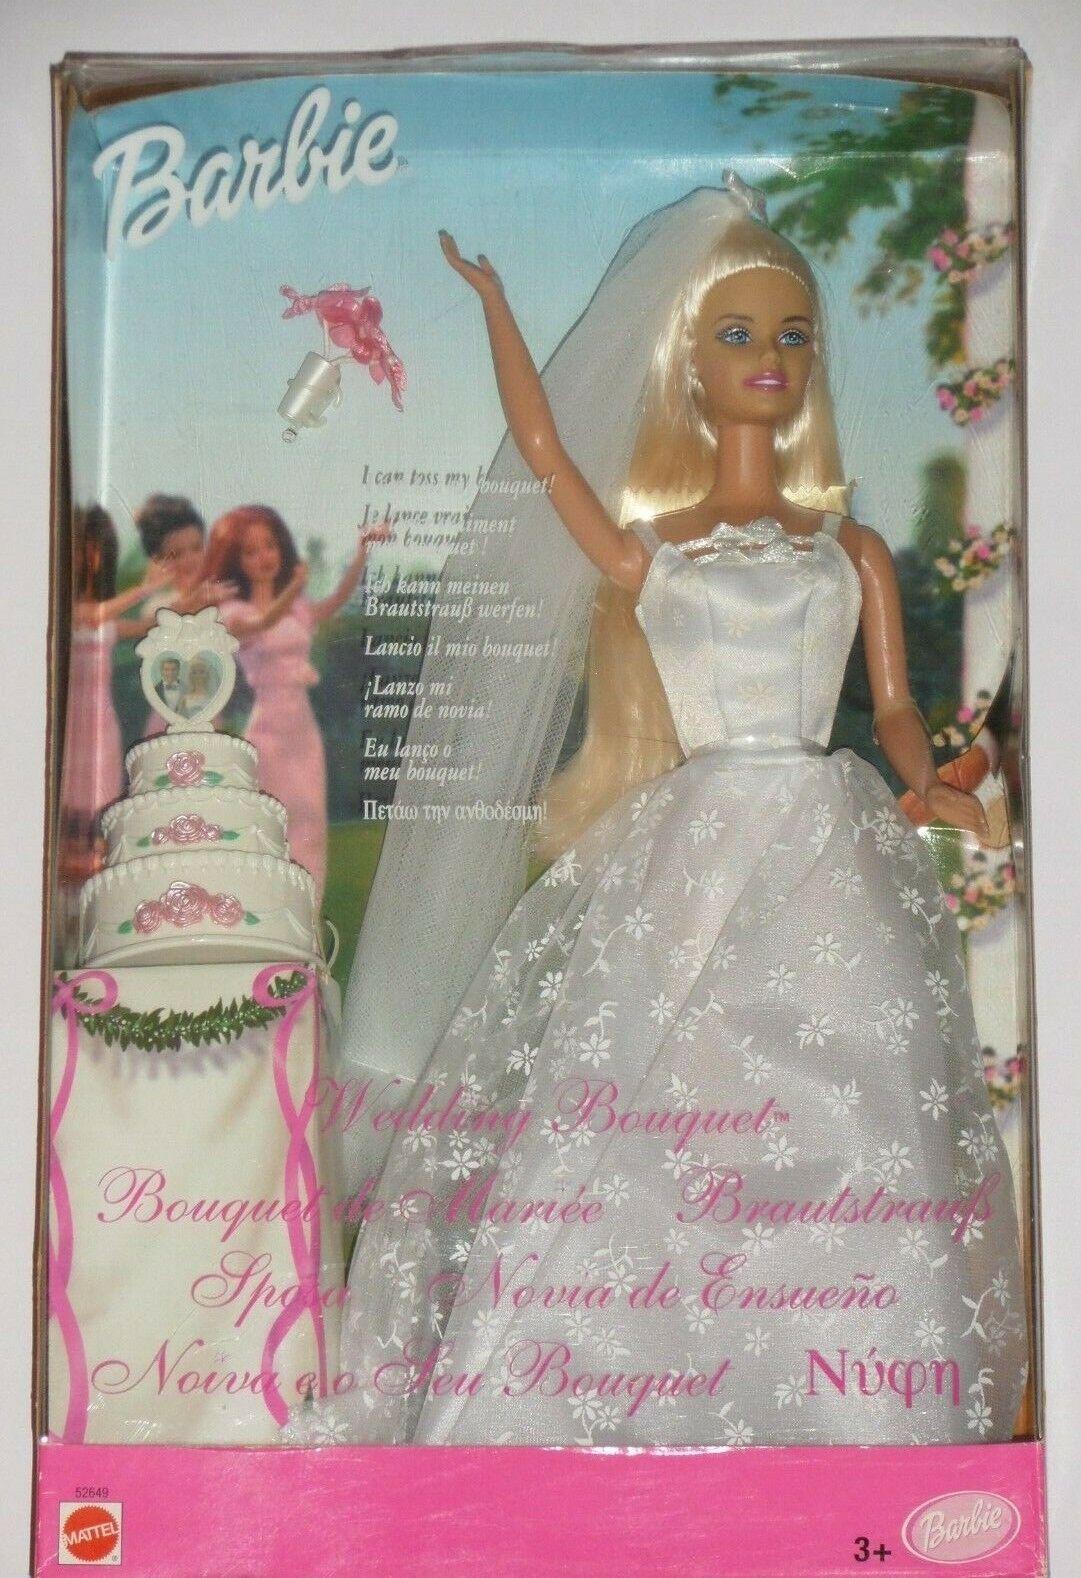 Barbie Bouquet de Mariée - En Boite Neuve   - 52649 - Vintage 2001  tutti i prodotti ottengono fino al 34% di sconto